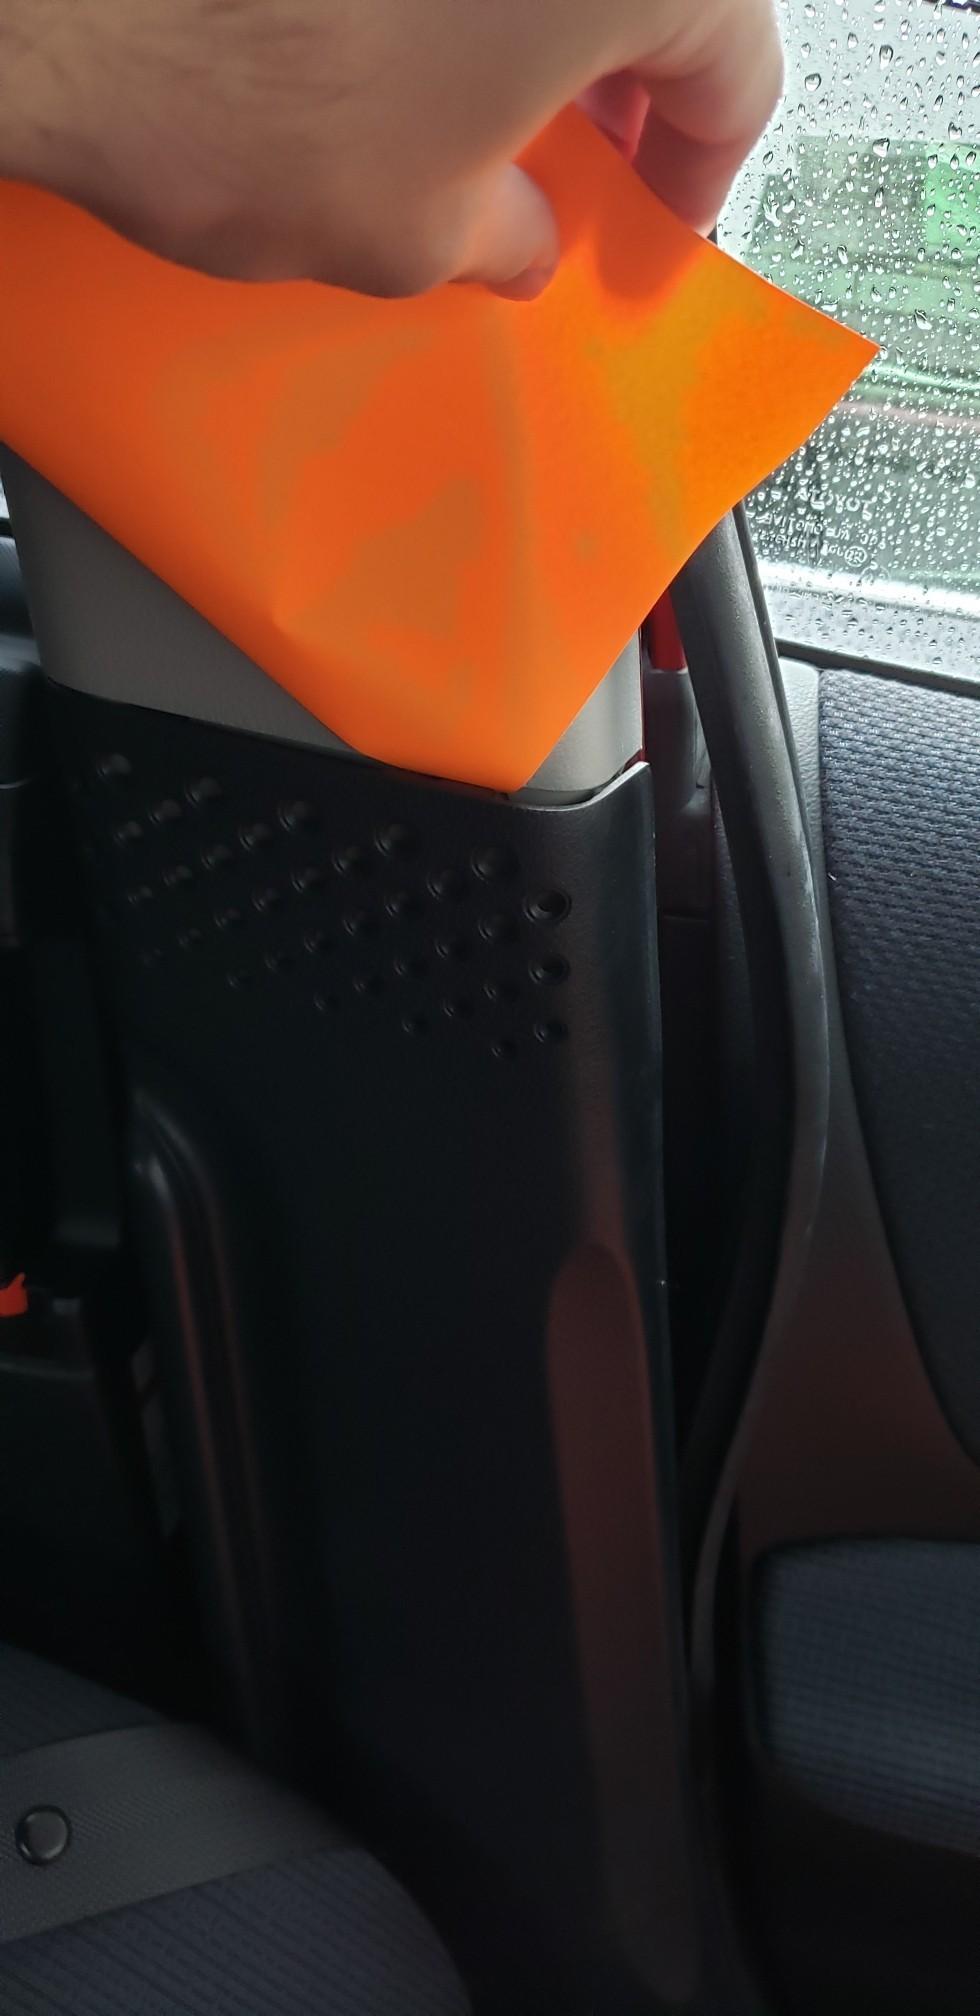 Bピラー穴部のオレンジ化